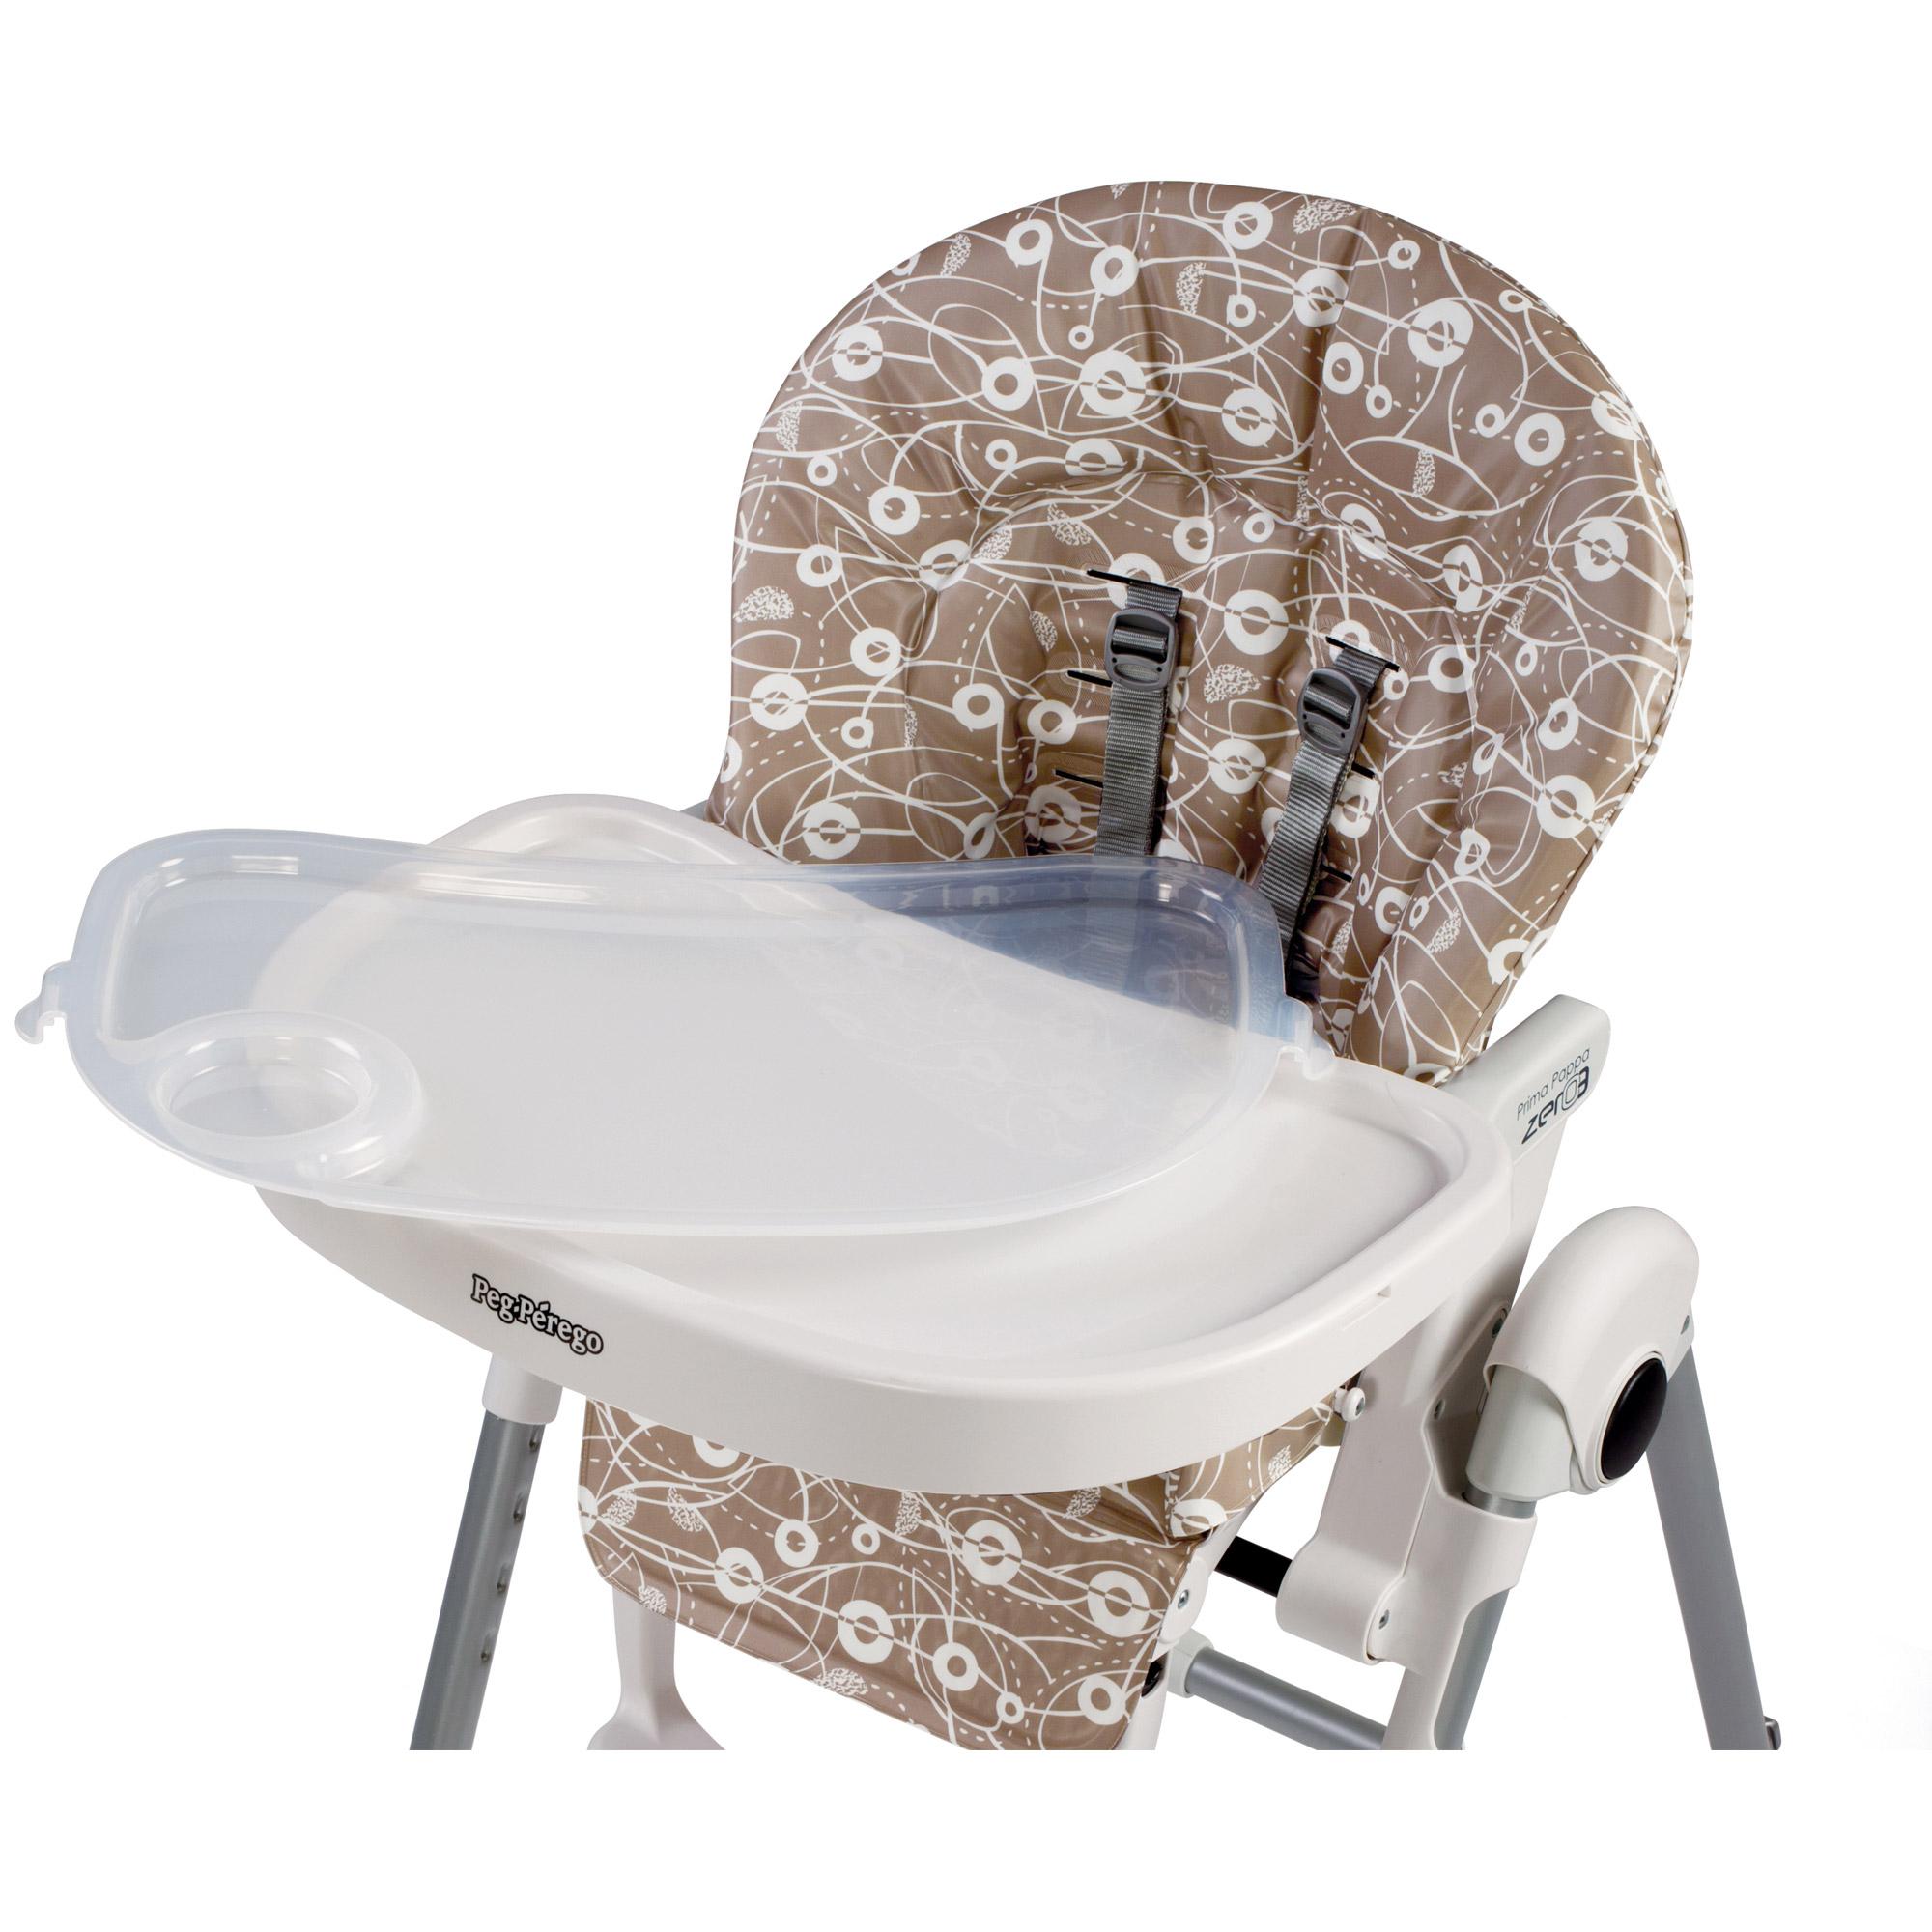 Peg perego prima pappa zero3 2018 chaise haute - Housse chaise haute peg perego prima pappa diner ...